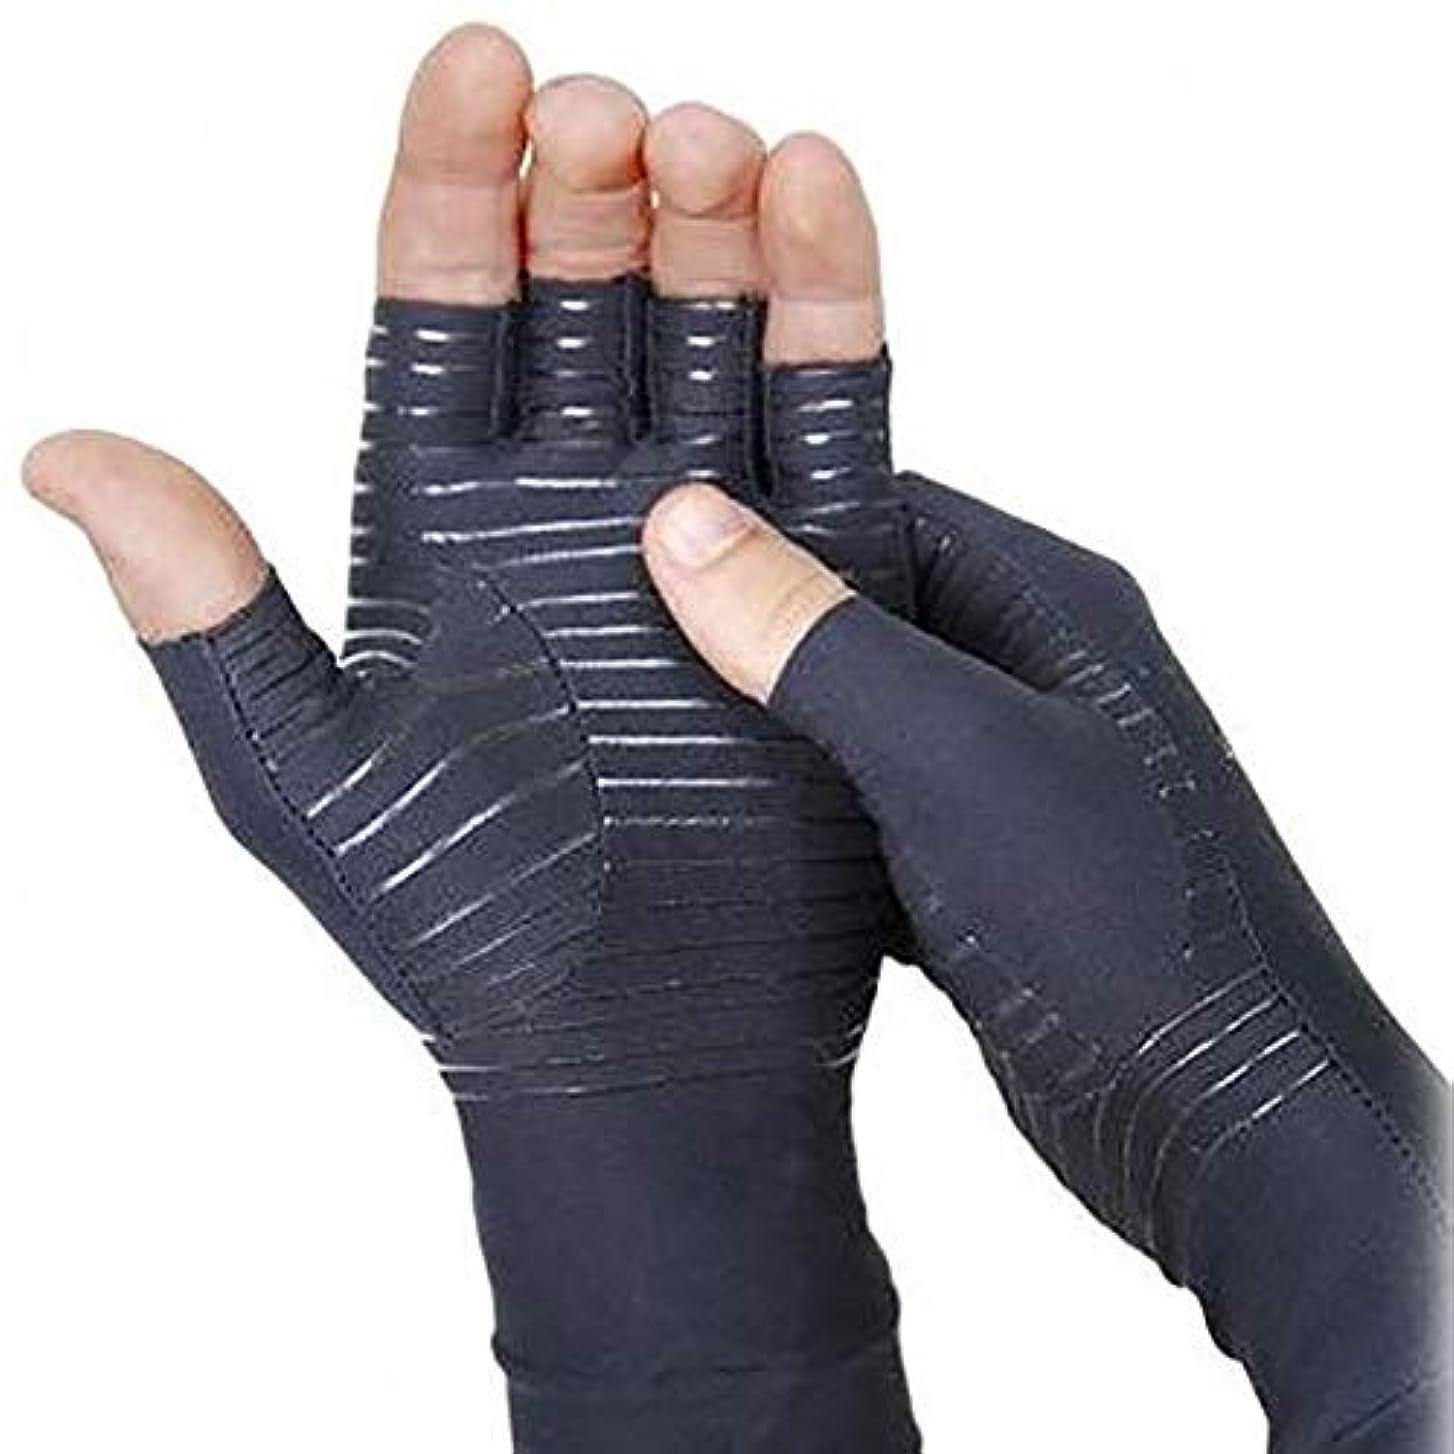 通知する上流のするだろうBOBORA 関節炎手袋 着圧手袋 指なし手袋 着圧引き締め 銅イオン繊維 関節ストレス 手首サポーター スライドタッチ手袋 男女共用 1ペア入り